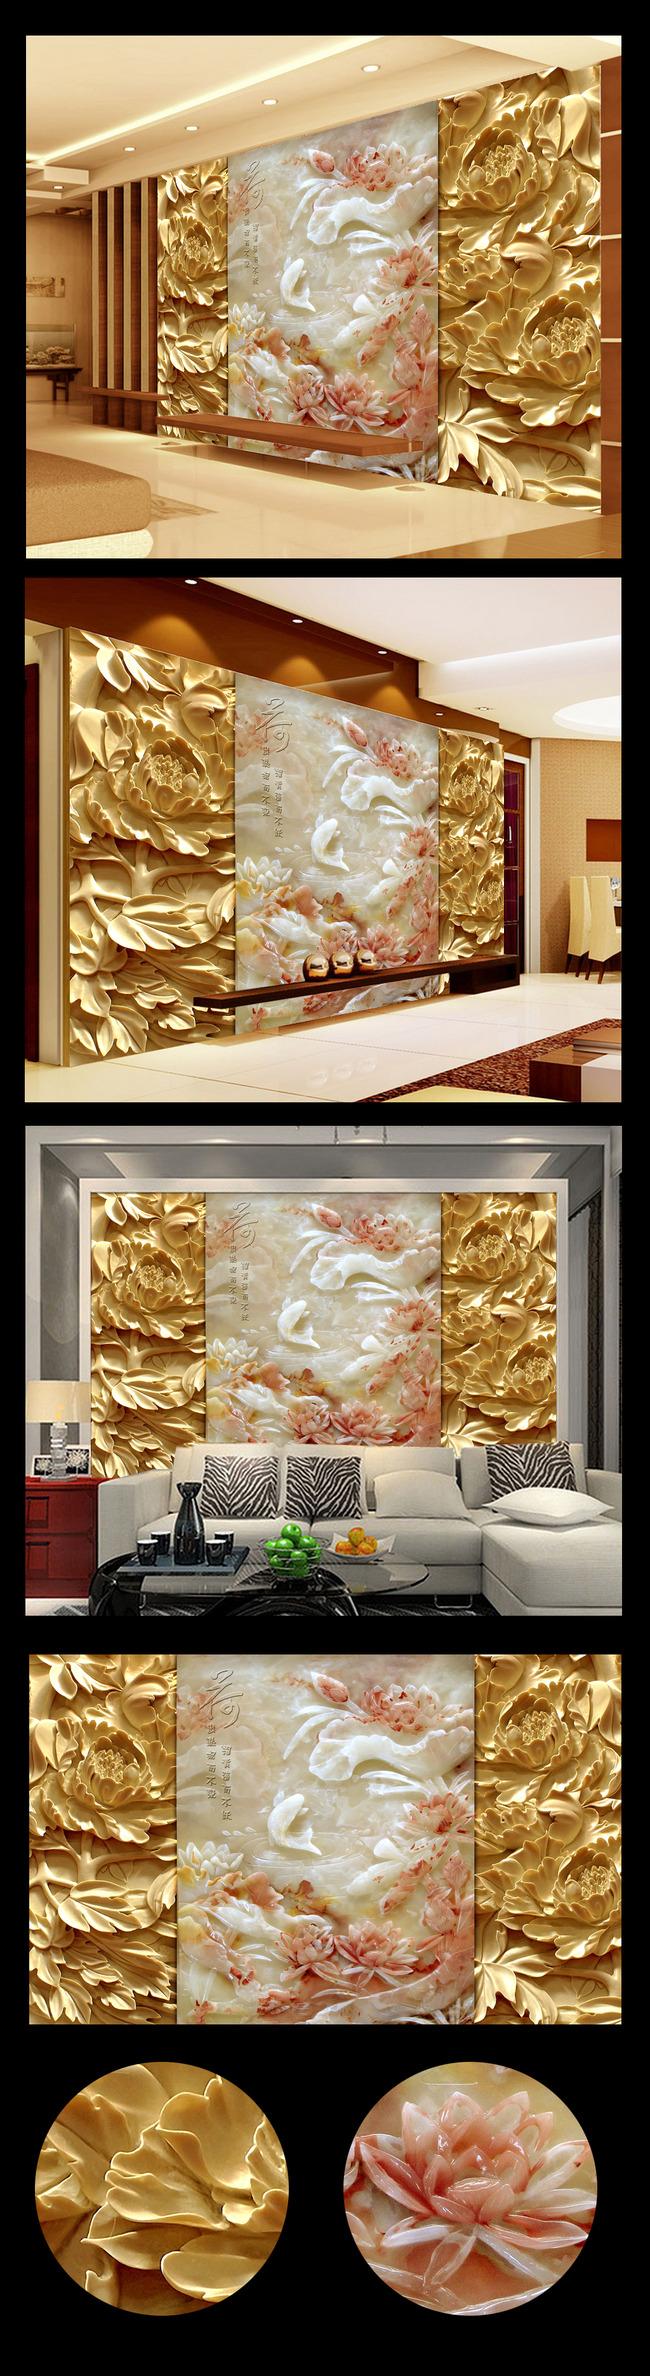 高清木雕玉雕浮雕荷花牡丹电视背景墙